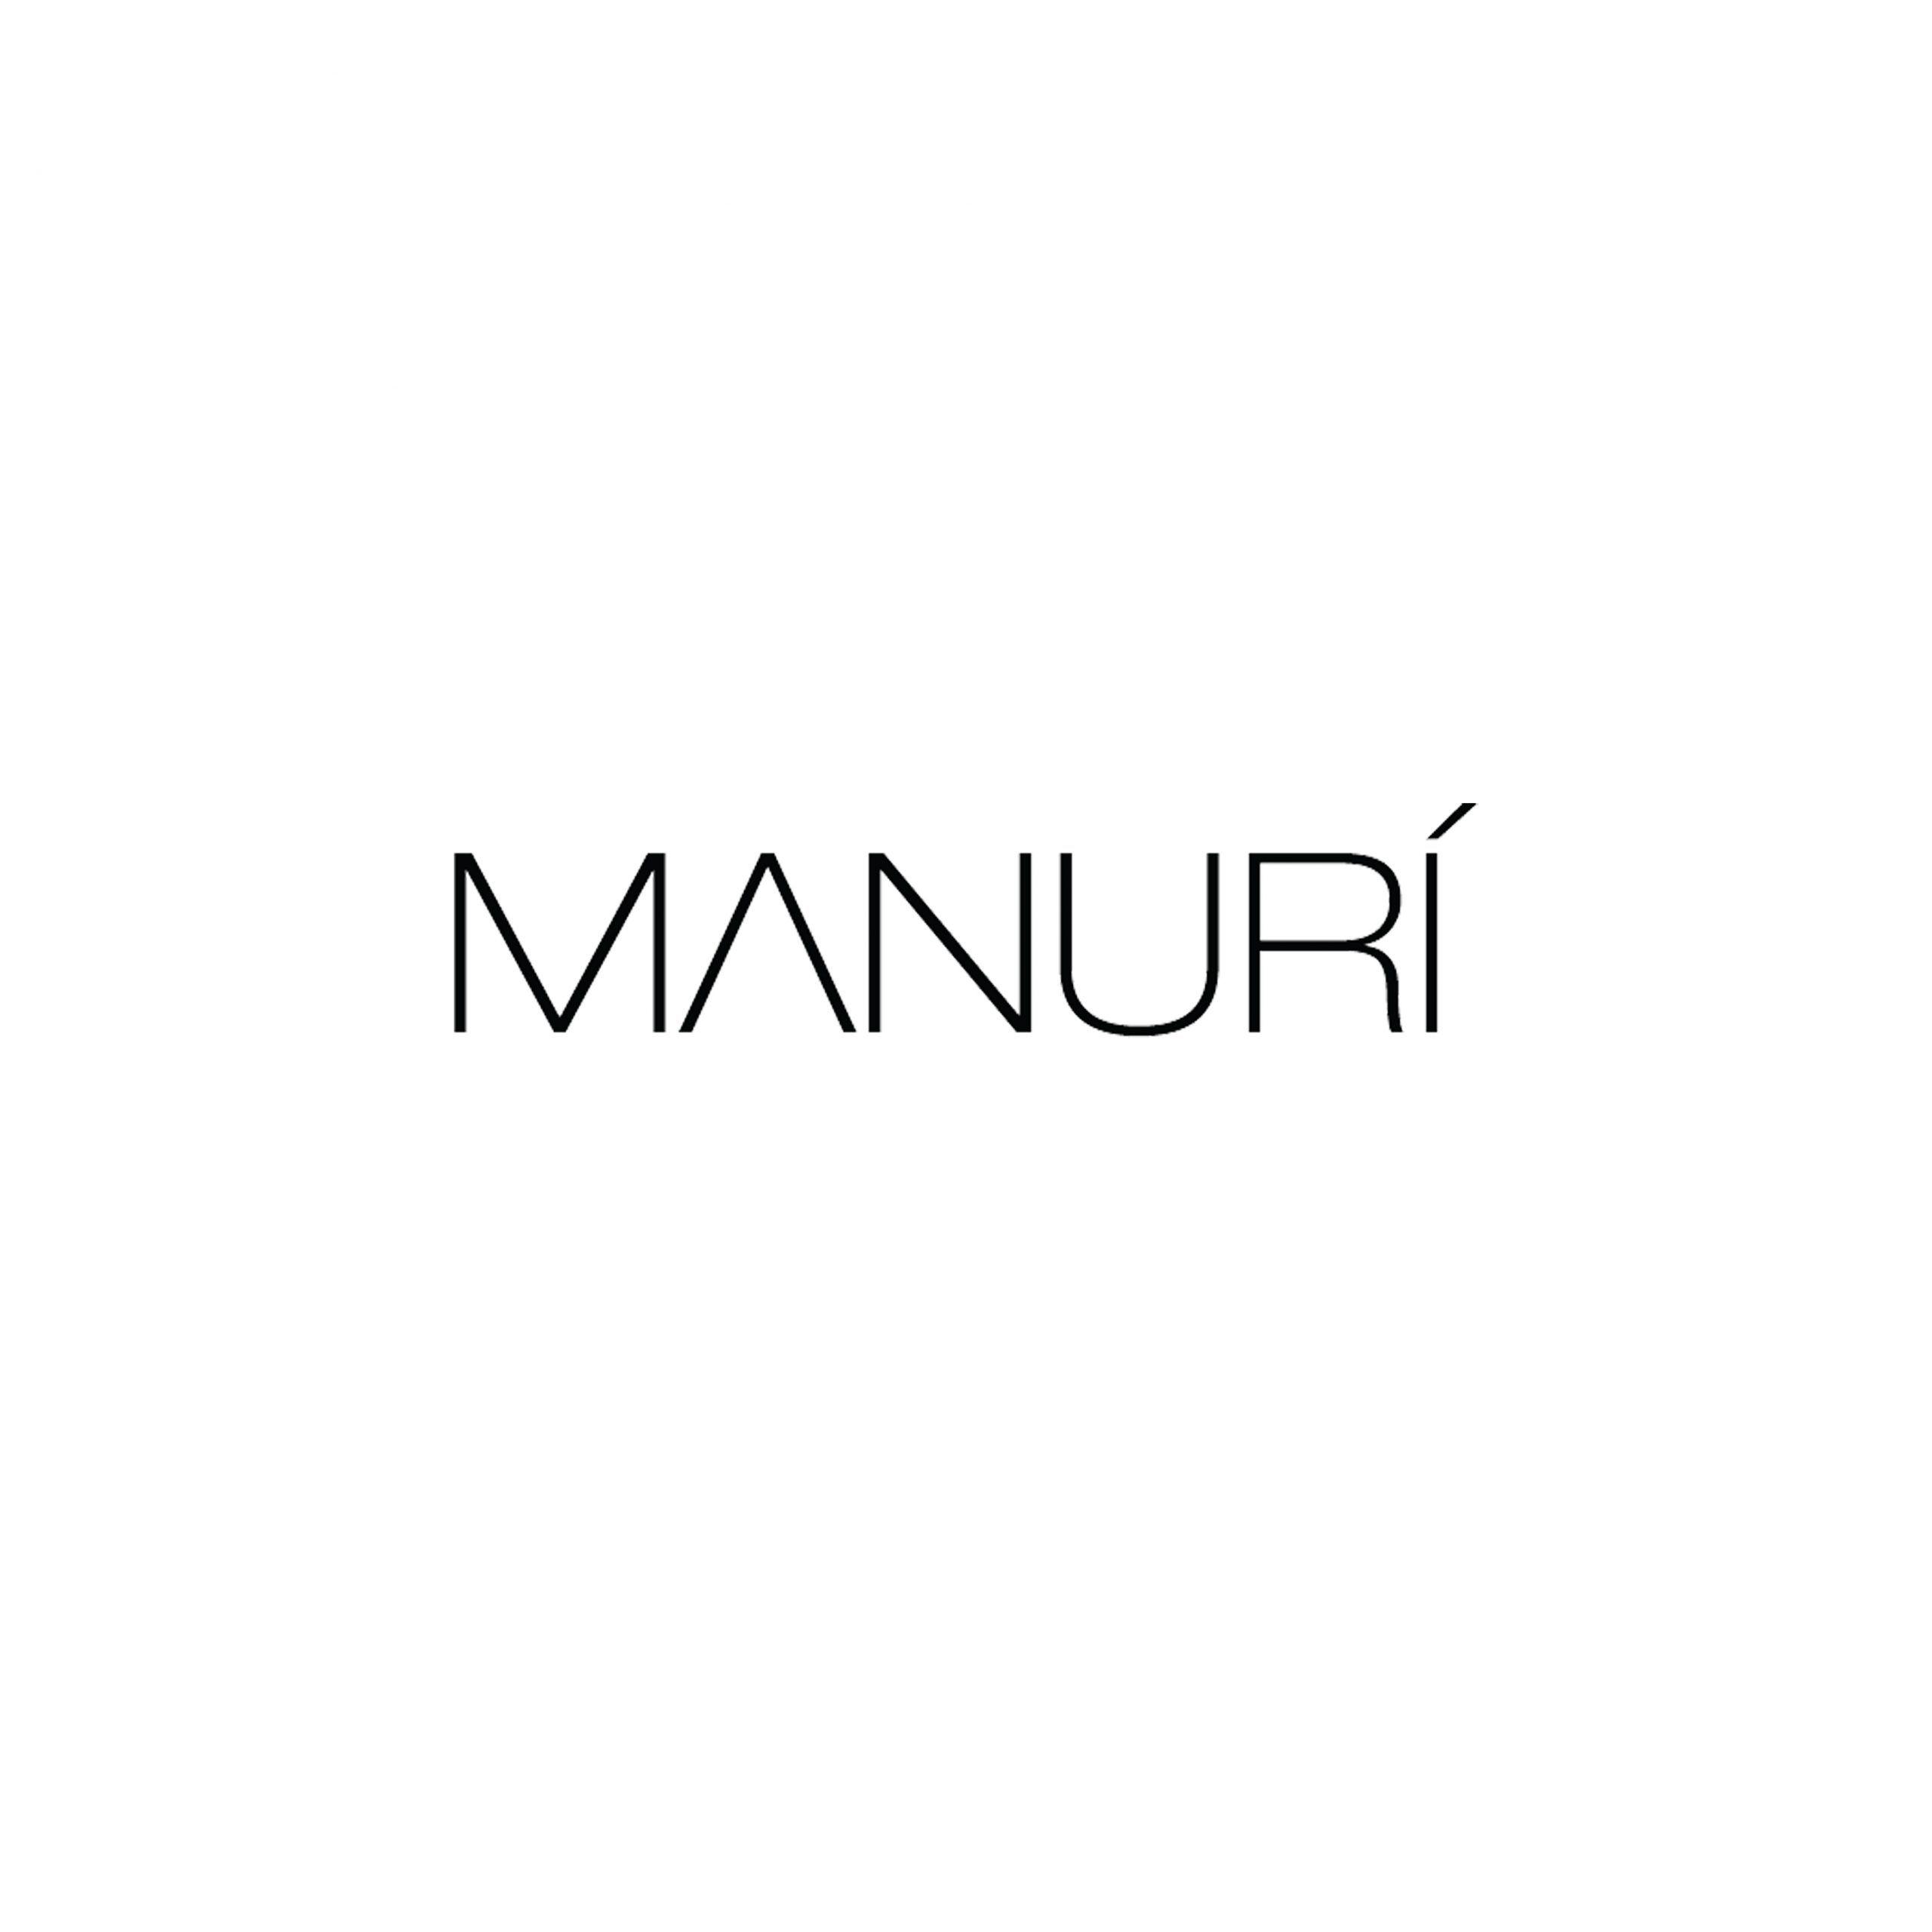 Logo_manuri